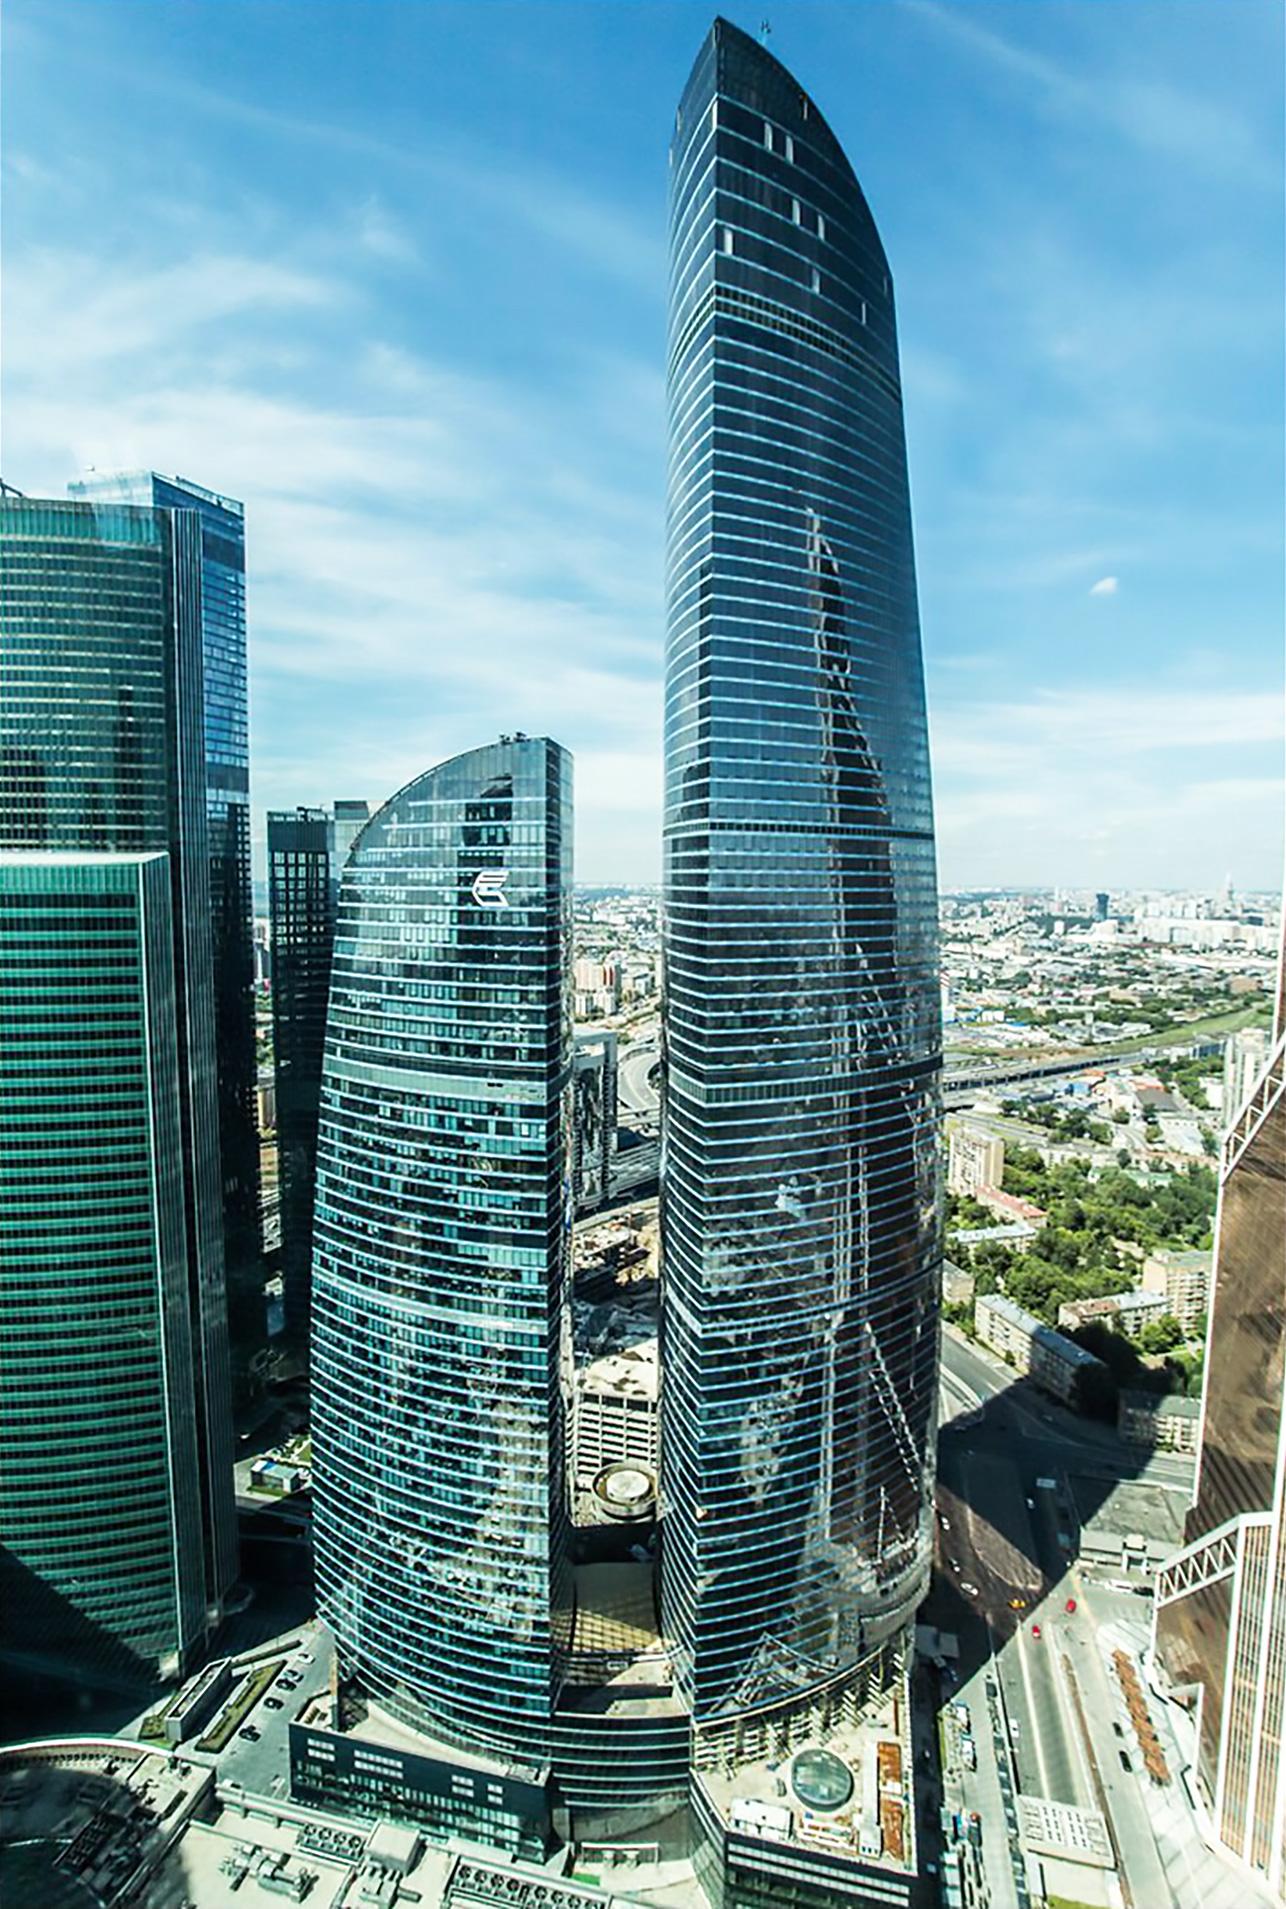 La torre Federación de Moscú / Igor3188(CC BY-SA 4.0)